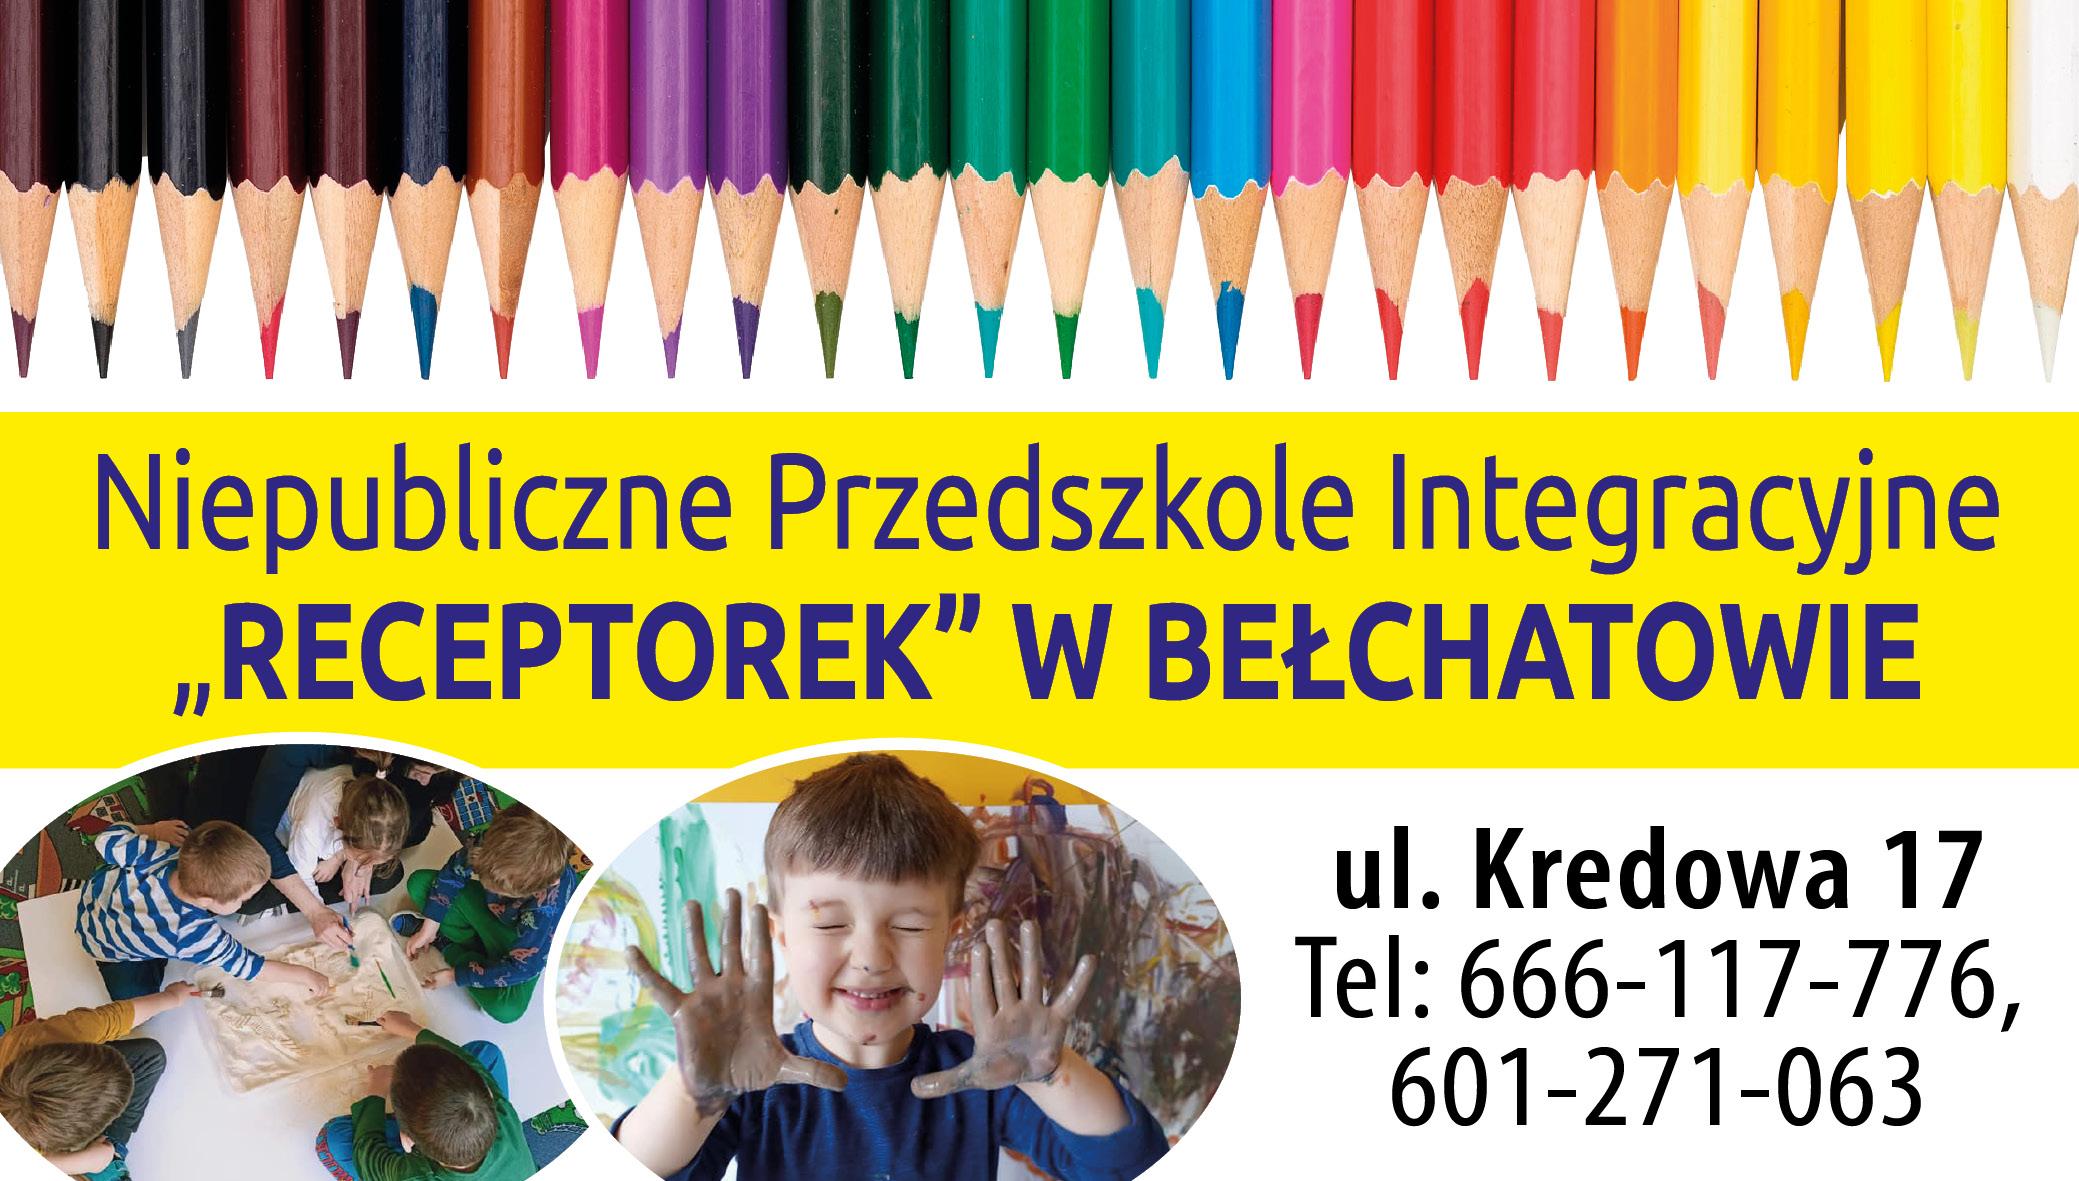 """Niepubliczne Przedszkole Integracyjne """"RECEPTOREK"""" W BEŁCHATOWIE - Zdjęcie główne"""